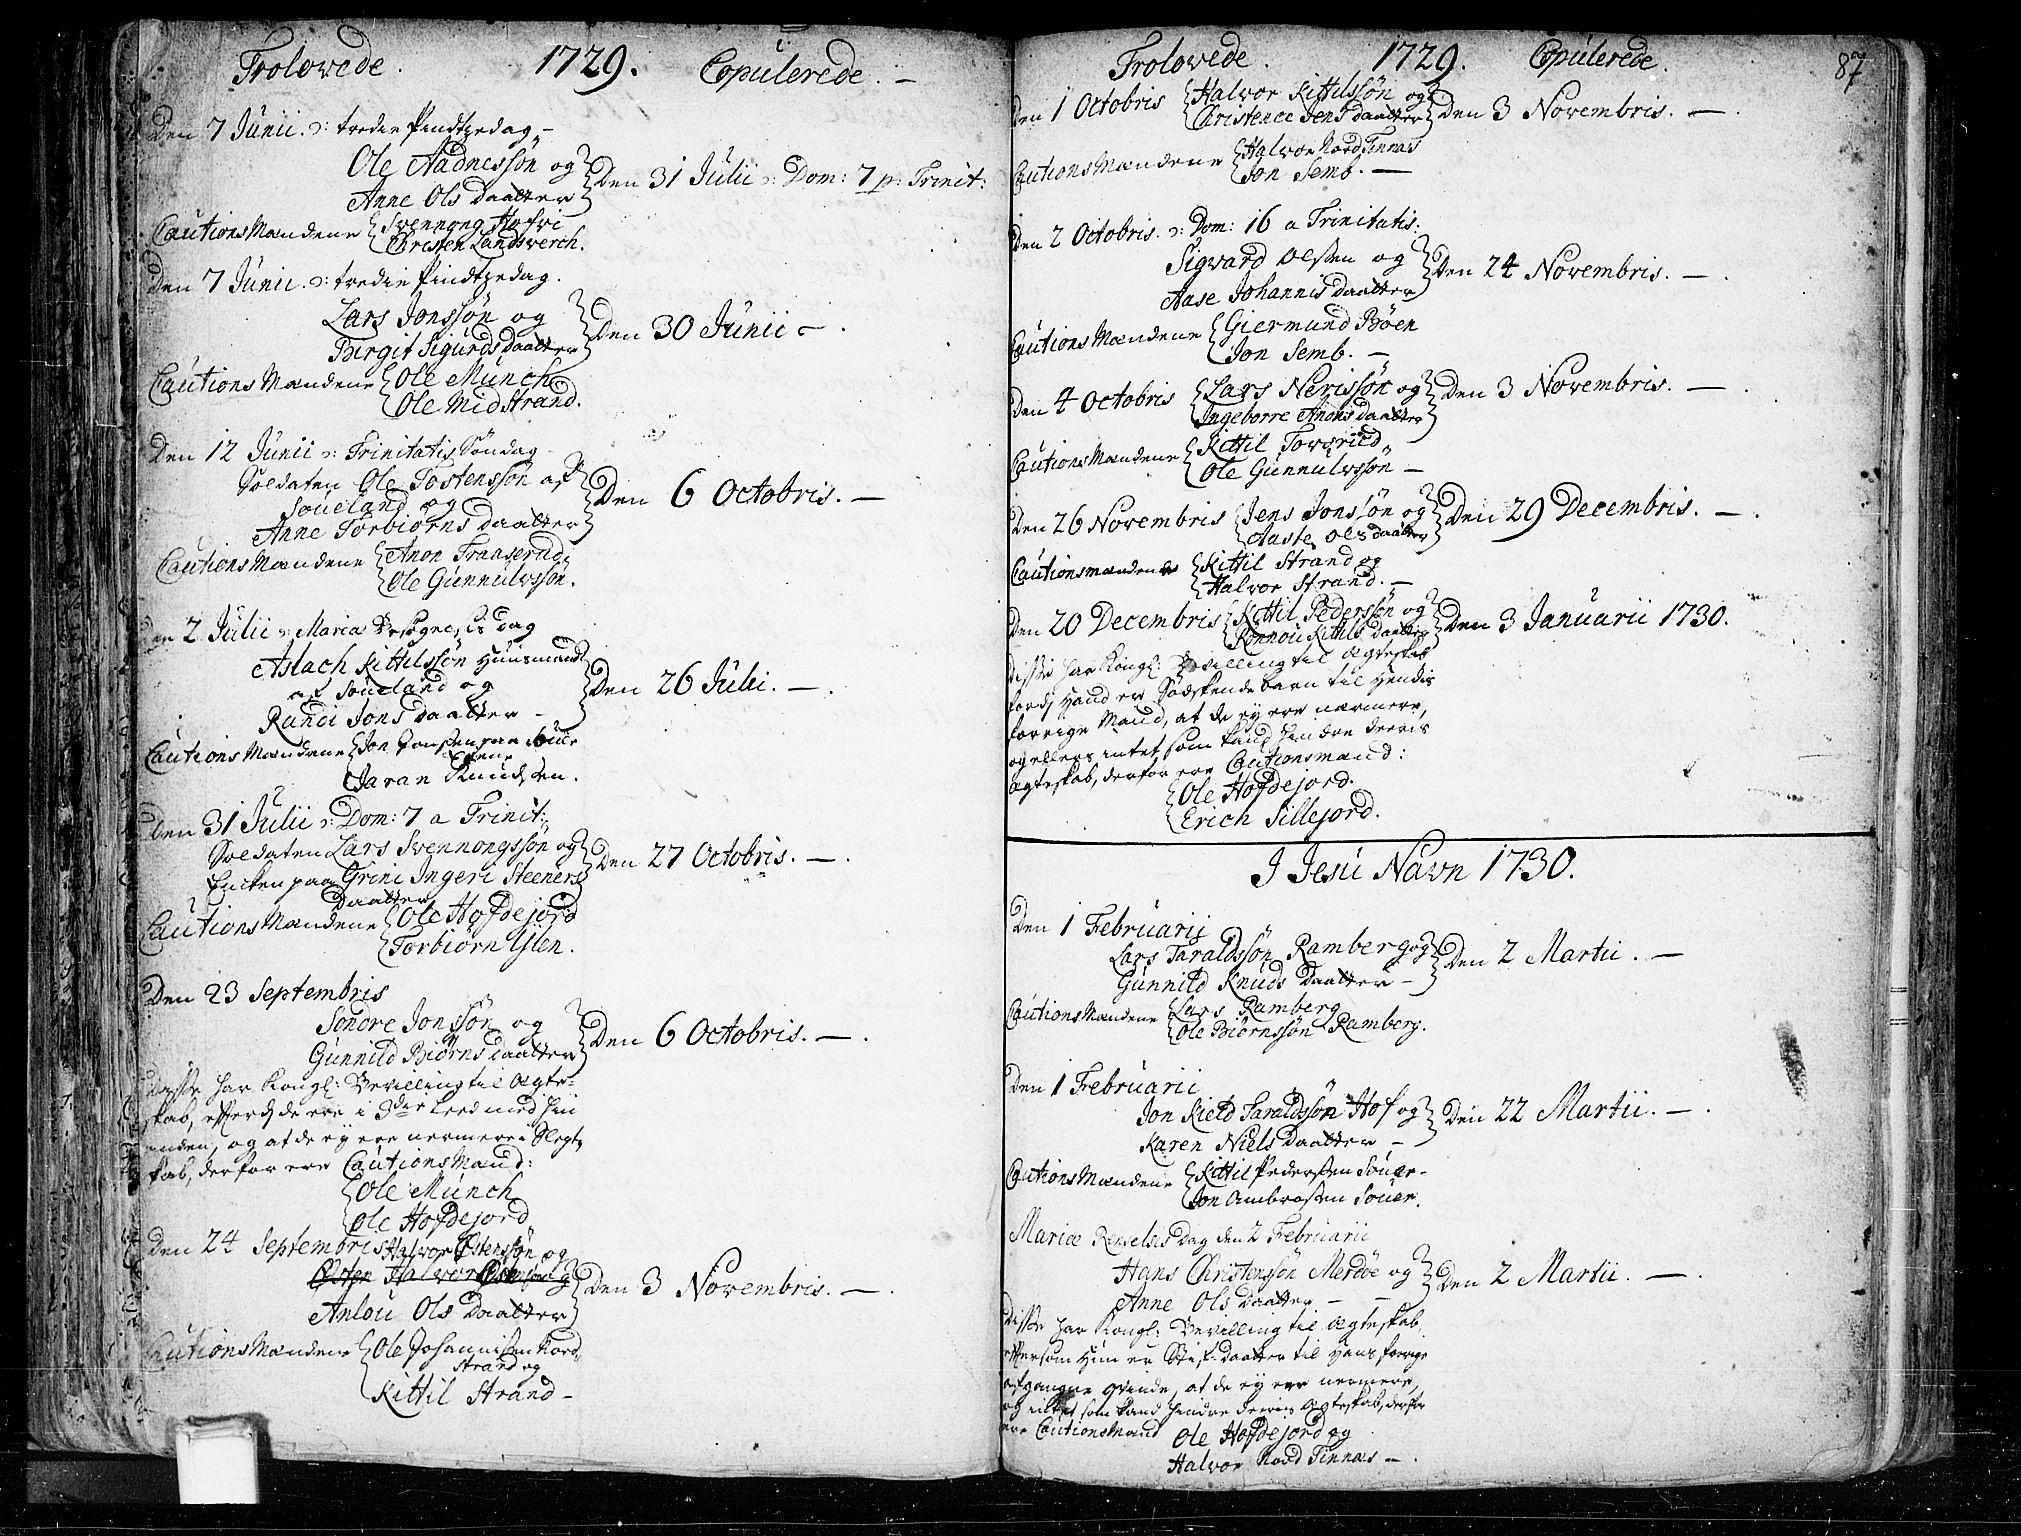 SAKO, Heddal kirkebøker, F/Fa/L0003: Ministerialbok nr. I 3, 1723-1783, s. 87